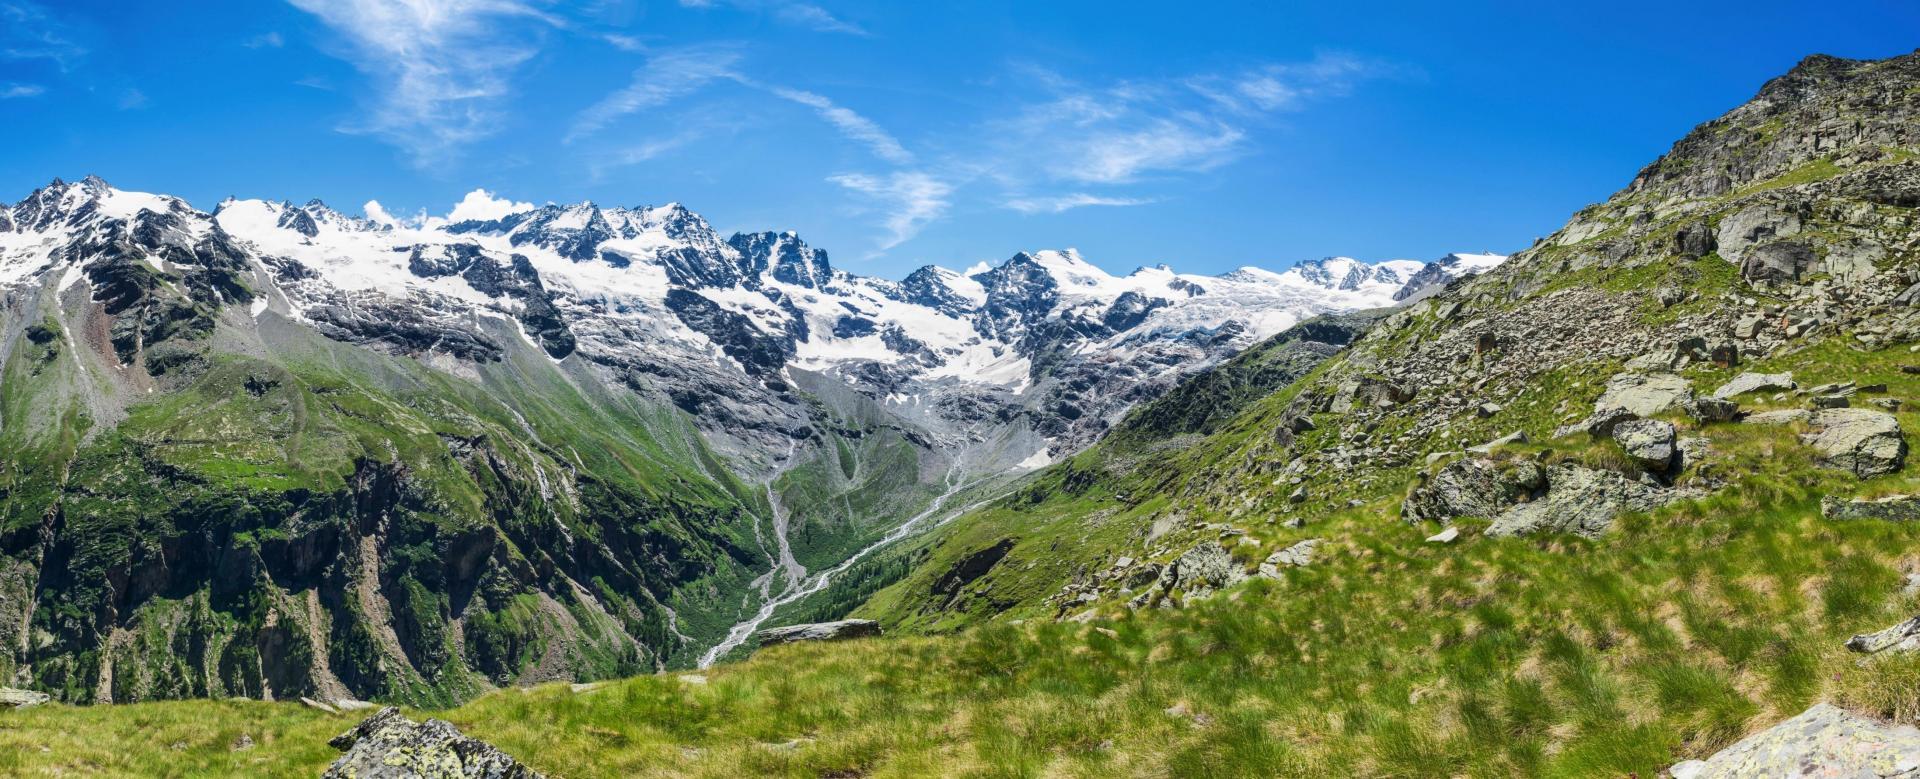 Voyage à pied : Alpes du Nord : Le tour du parc du grand-paradis